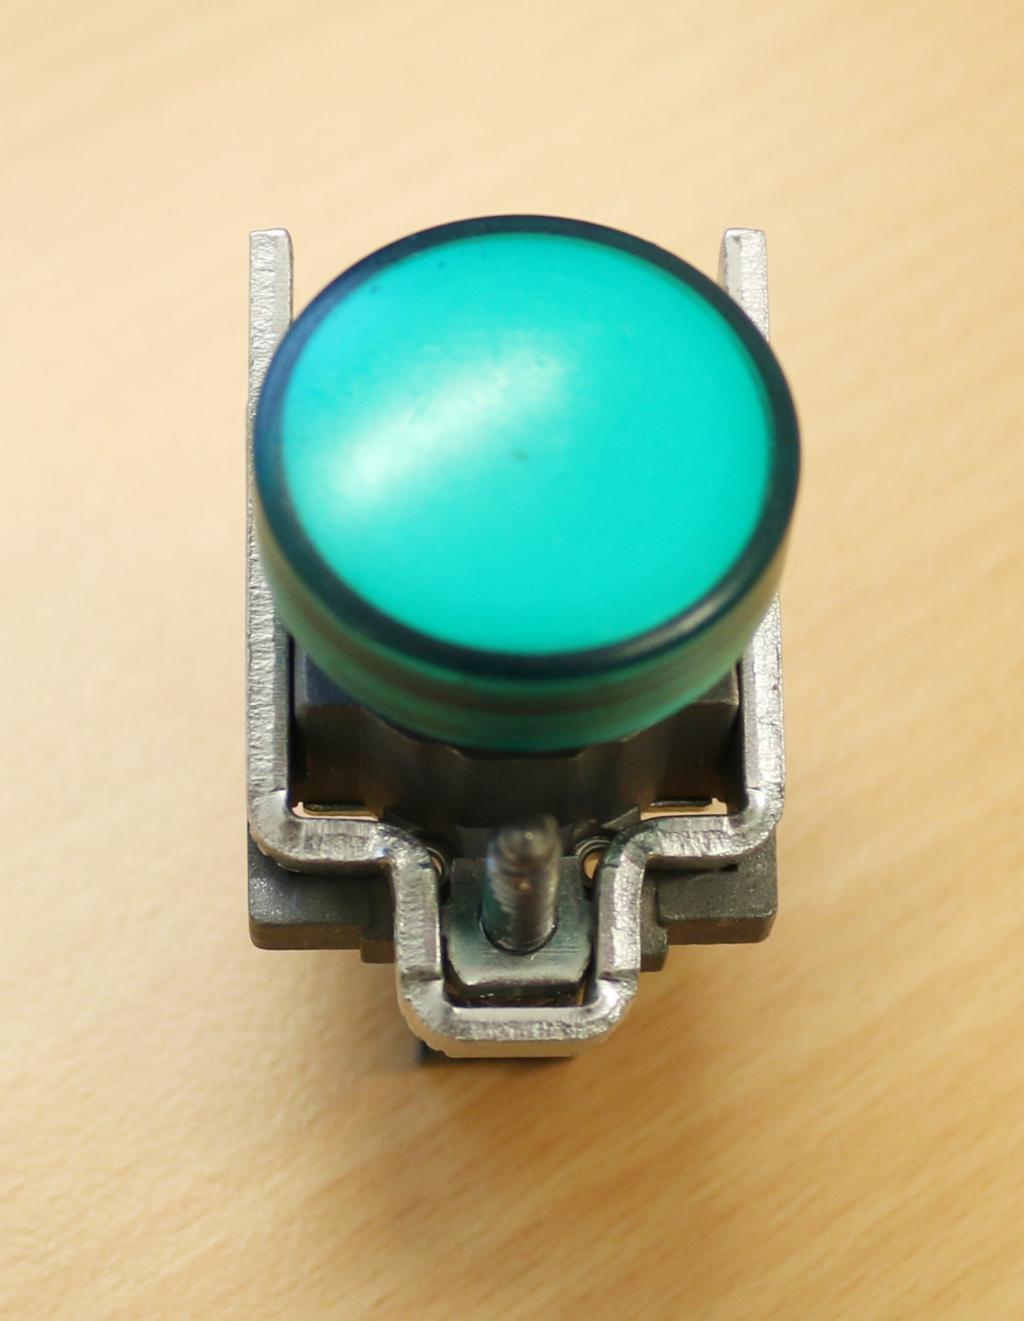 Grønn lampe. Foto.